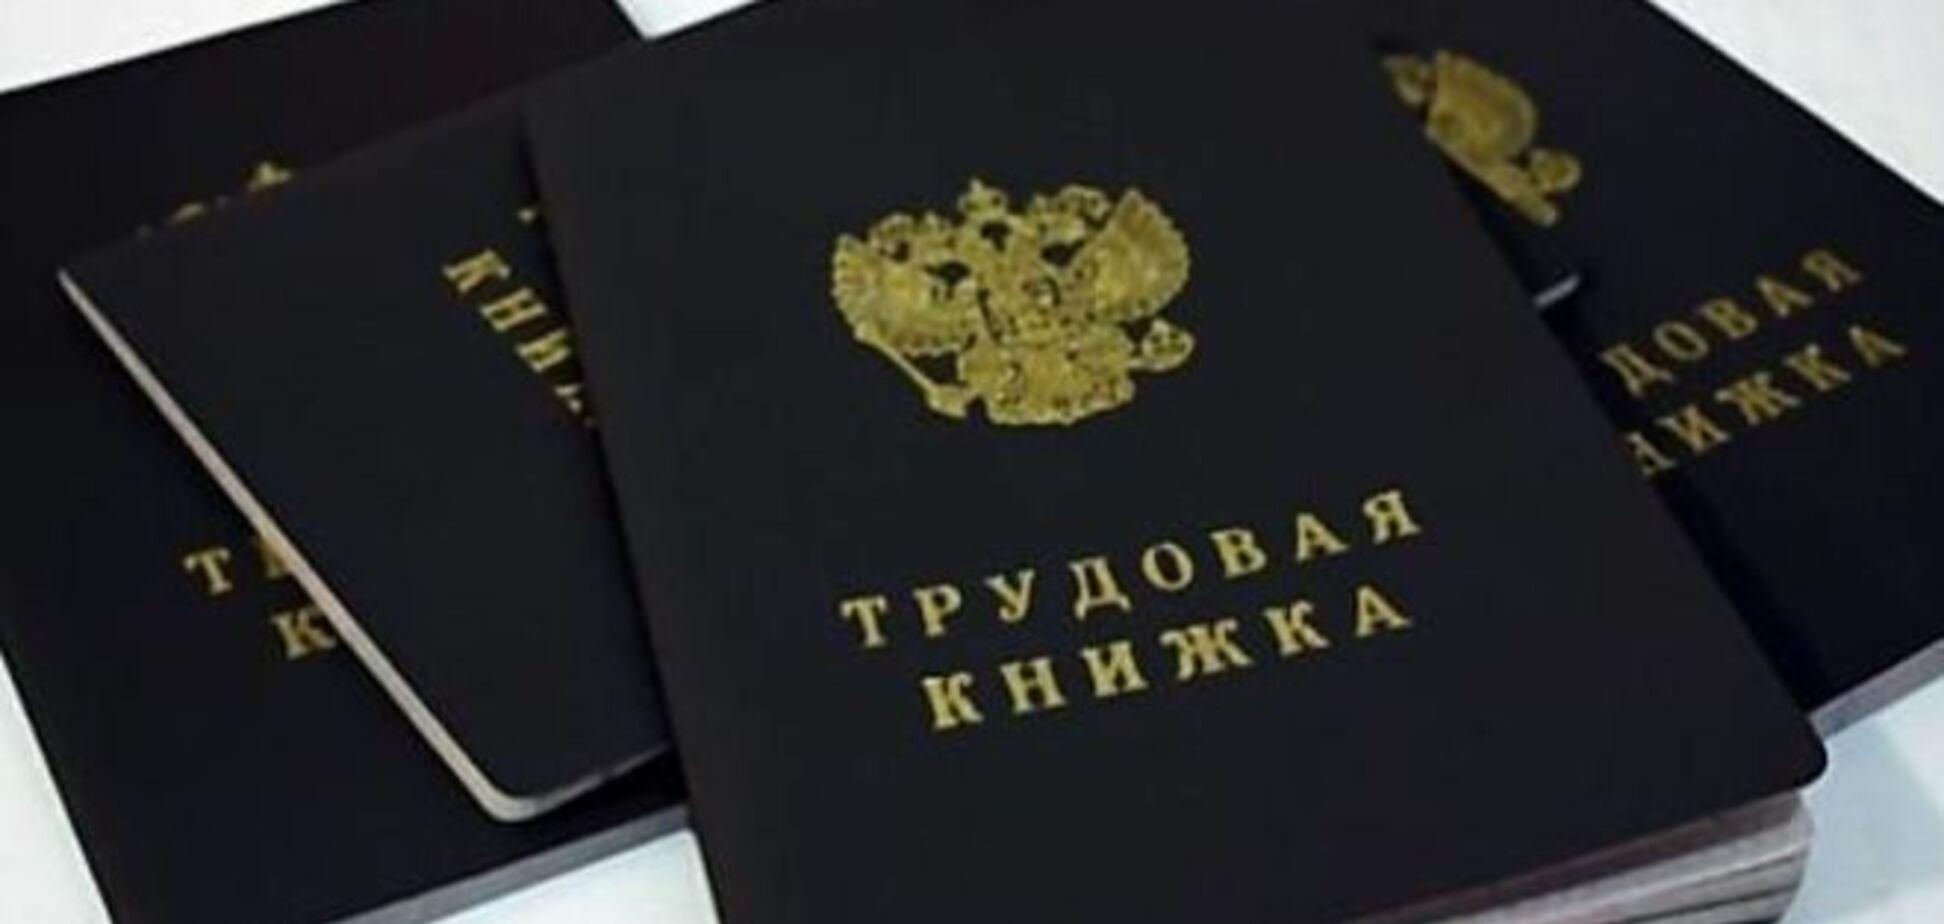 Багато роботи, мало грошей: У Криму - масові звільнення з держустанов